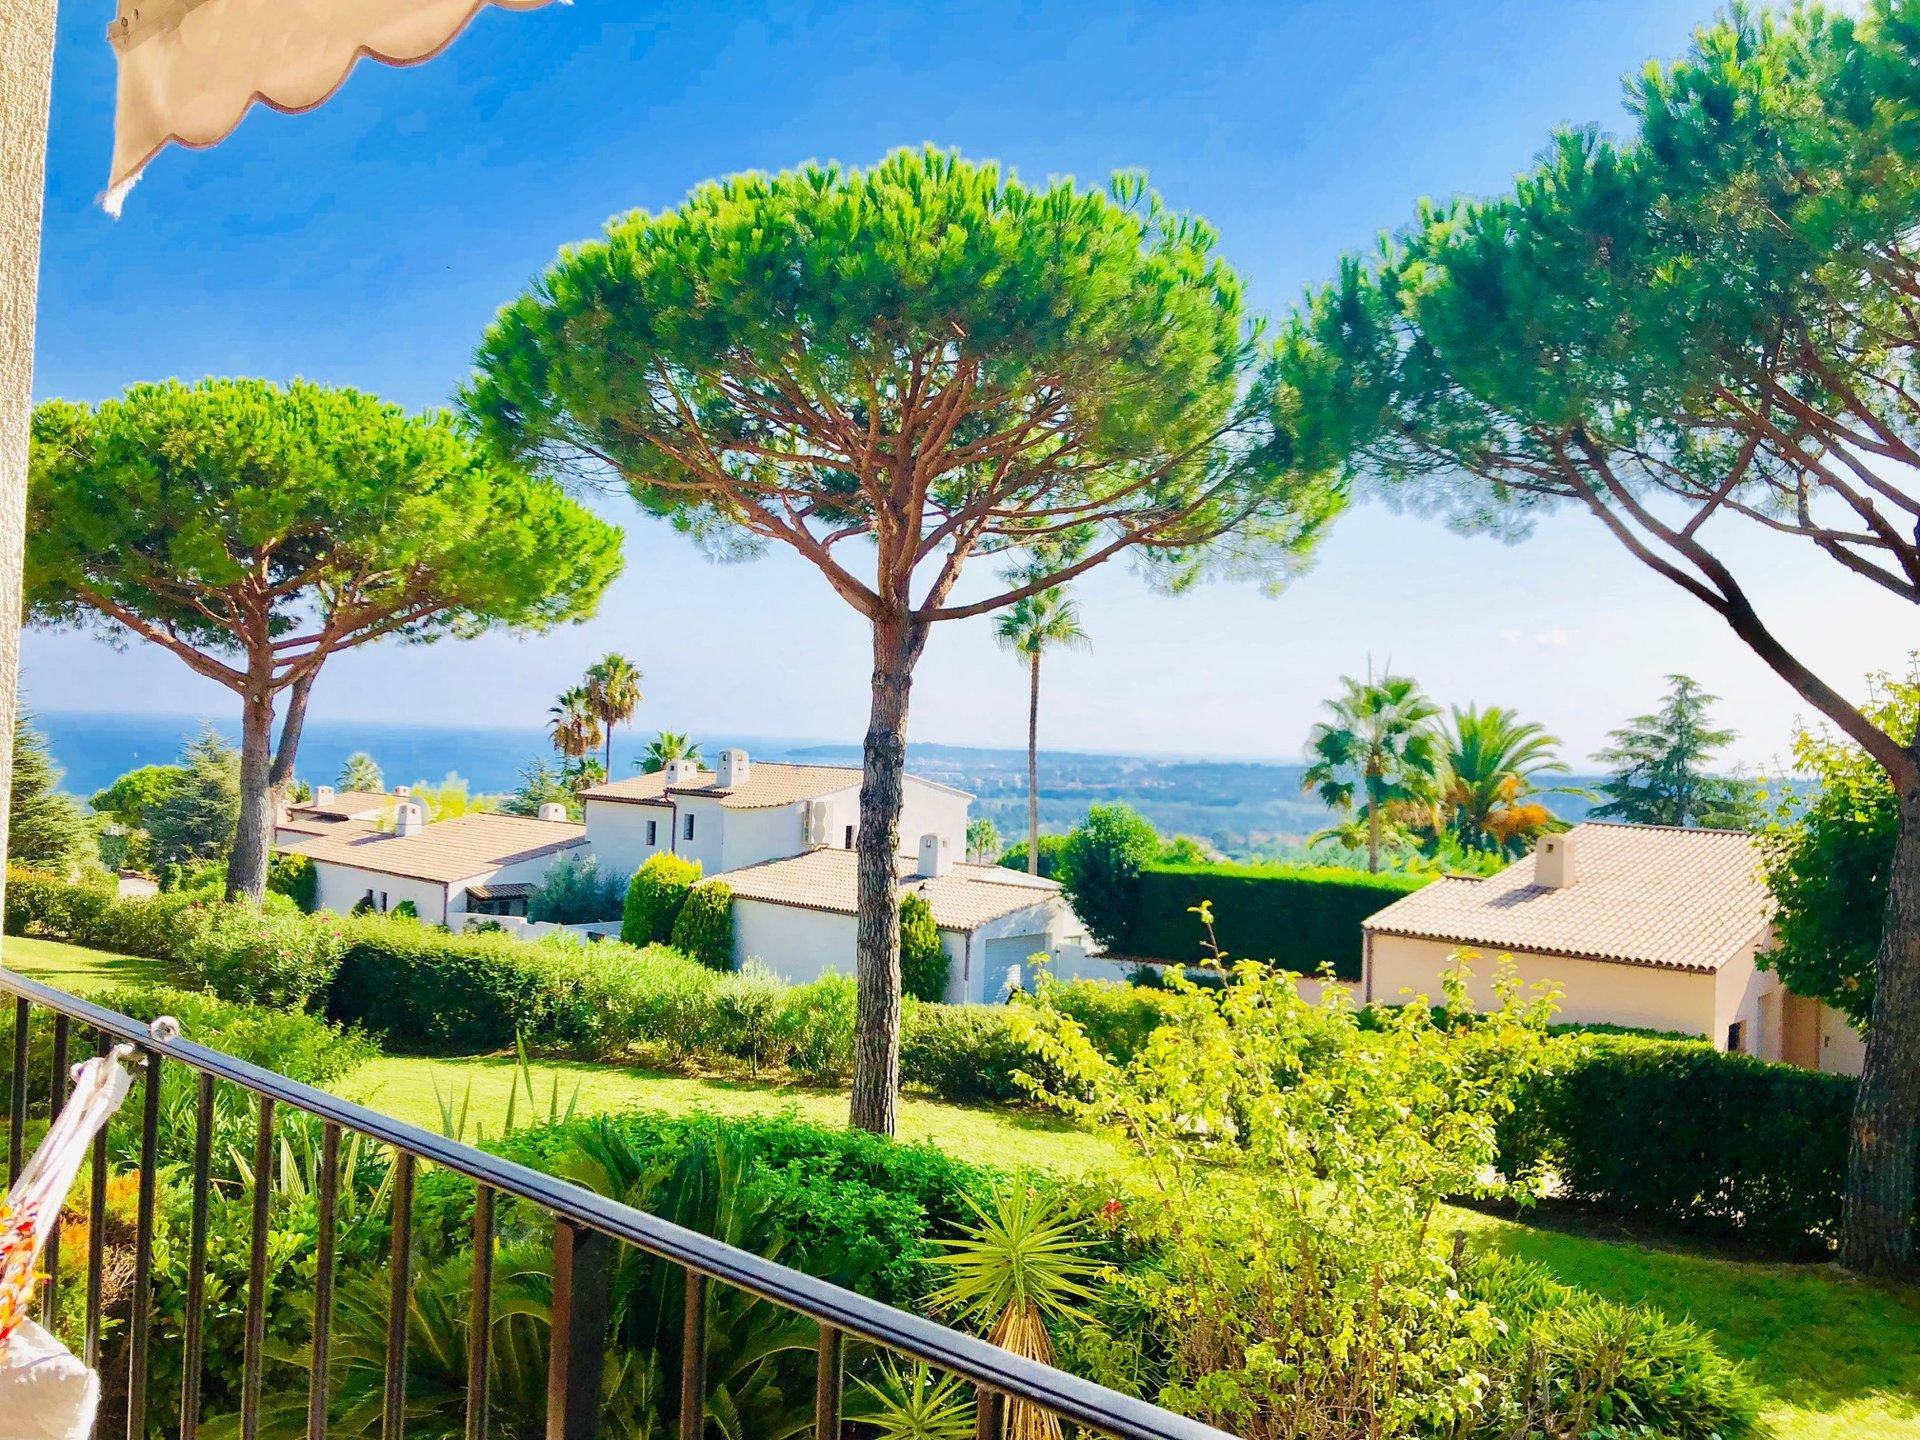 Magnifique appartement 4 pièces refait, expo sud-ouest. Vue mer.Hall d'entrée, séjour donnant sur ...